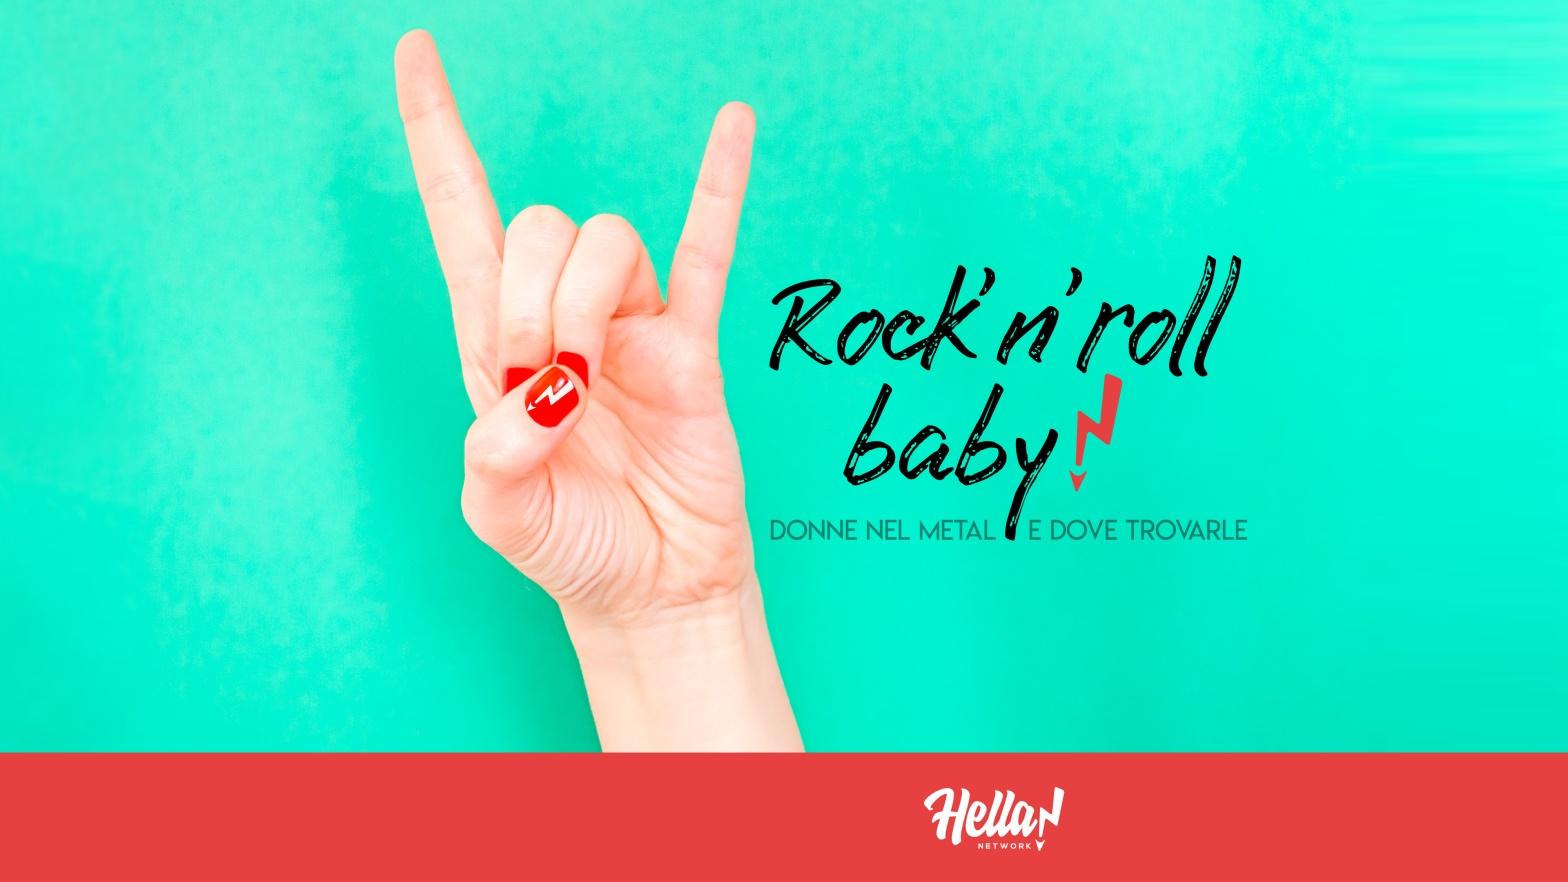 Rock'n'roll baby! Donne nel Metal e dove trovarle. Nell'immagine una mano fa il segno delle corna